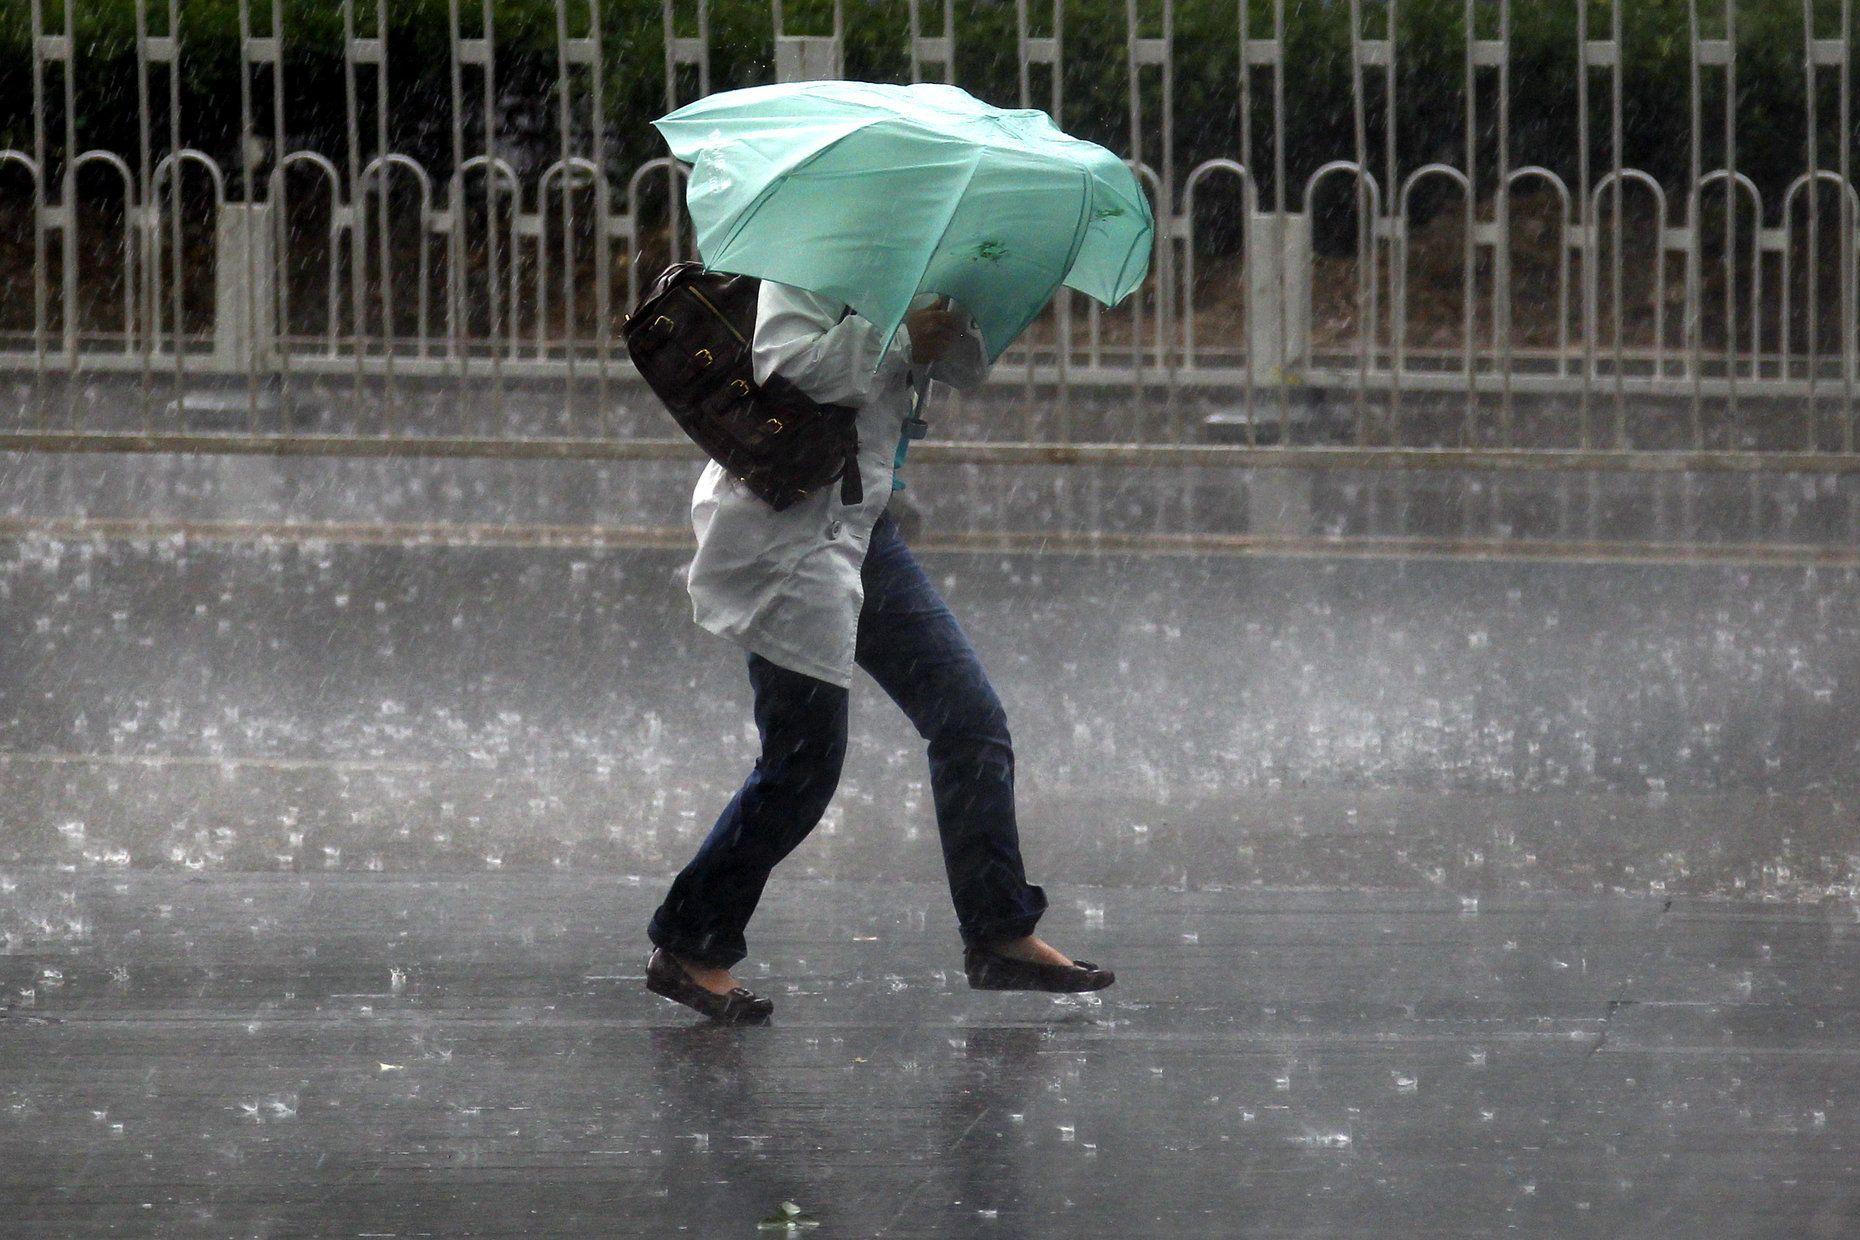 дождь холод картинки торговых павильонах найдете